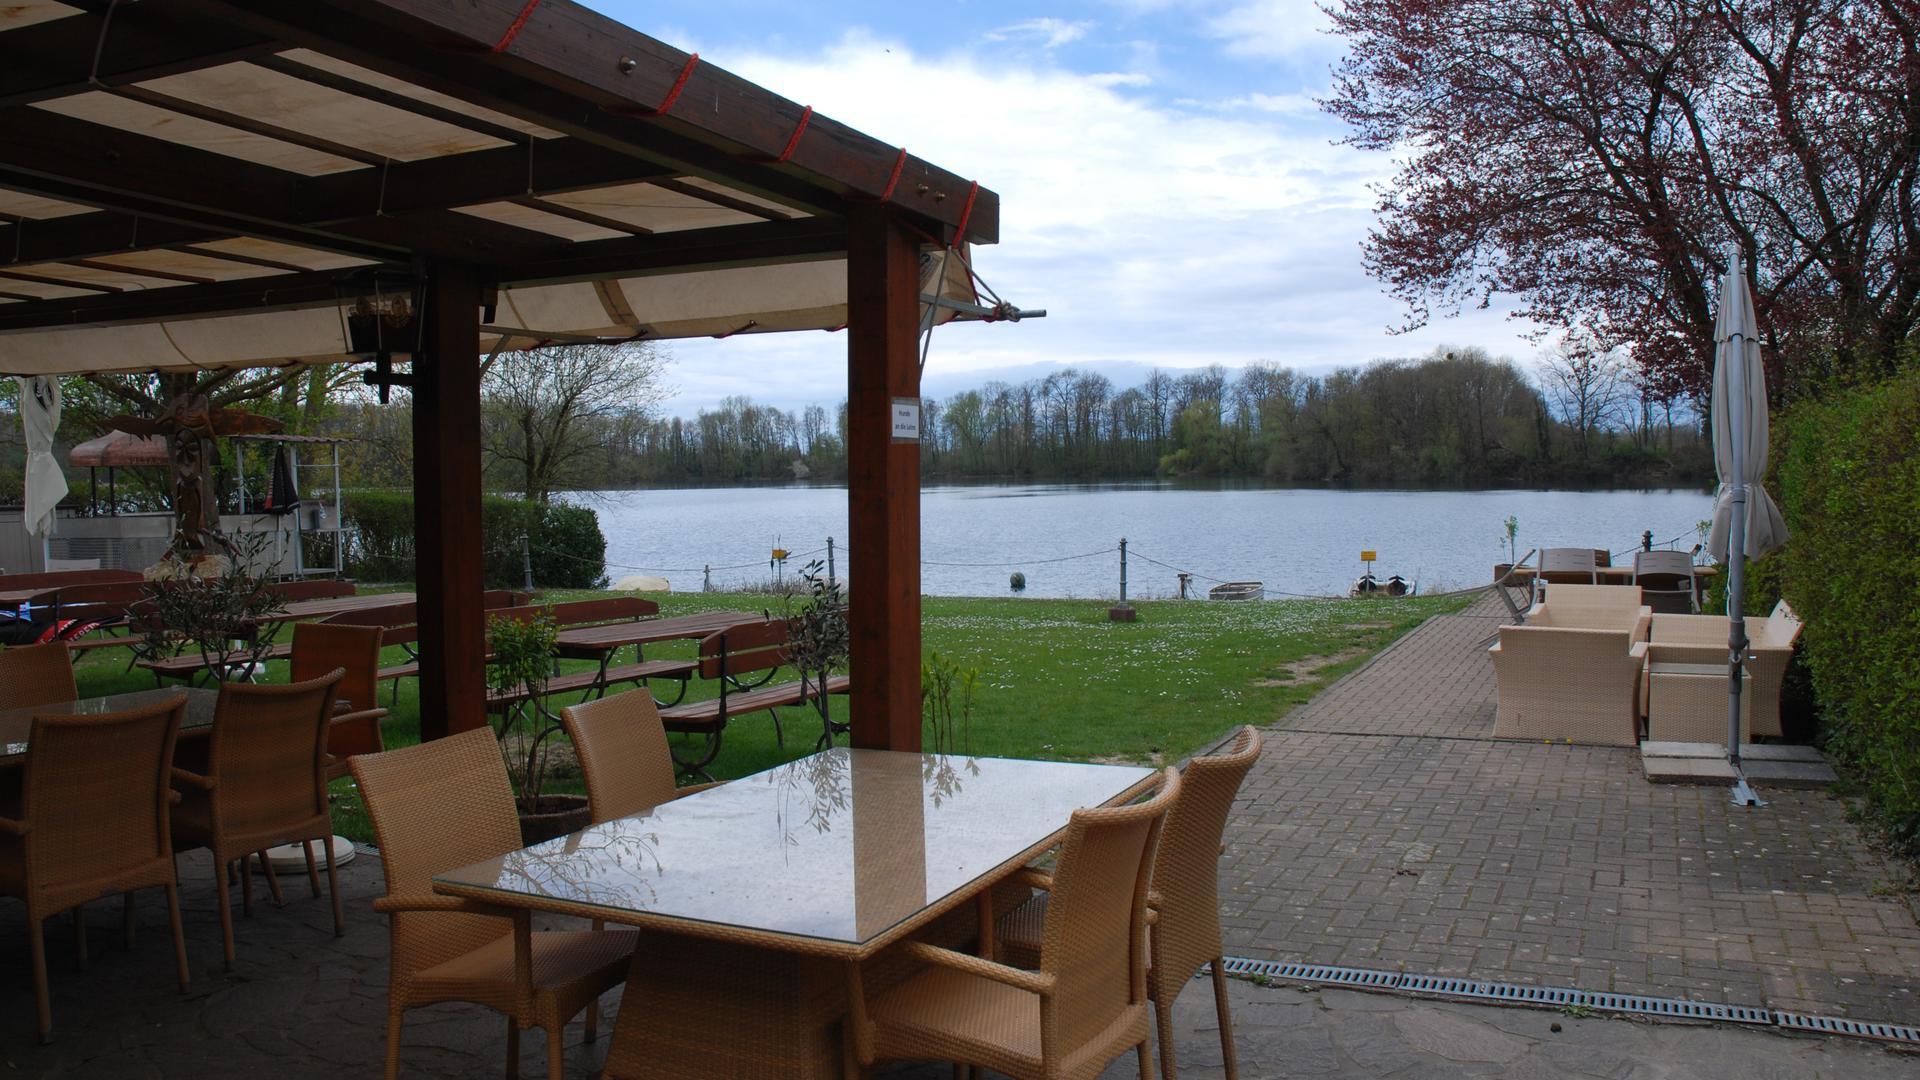 Schöne Aussicht: Beim Fischerheim Grötzingen kann man essen und dabei den Ausblick genießen.